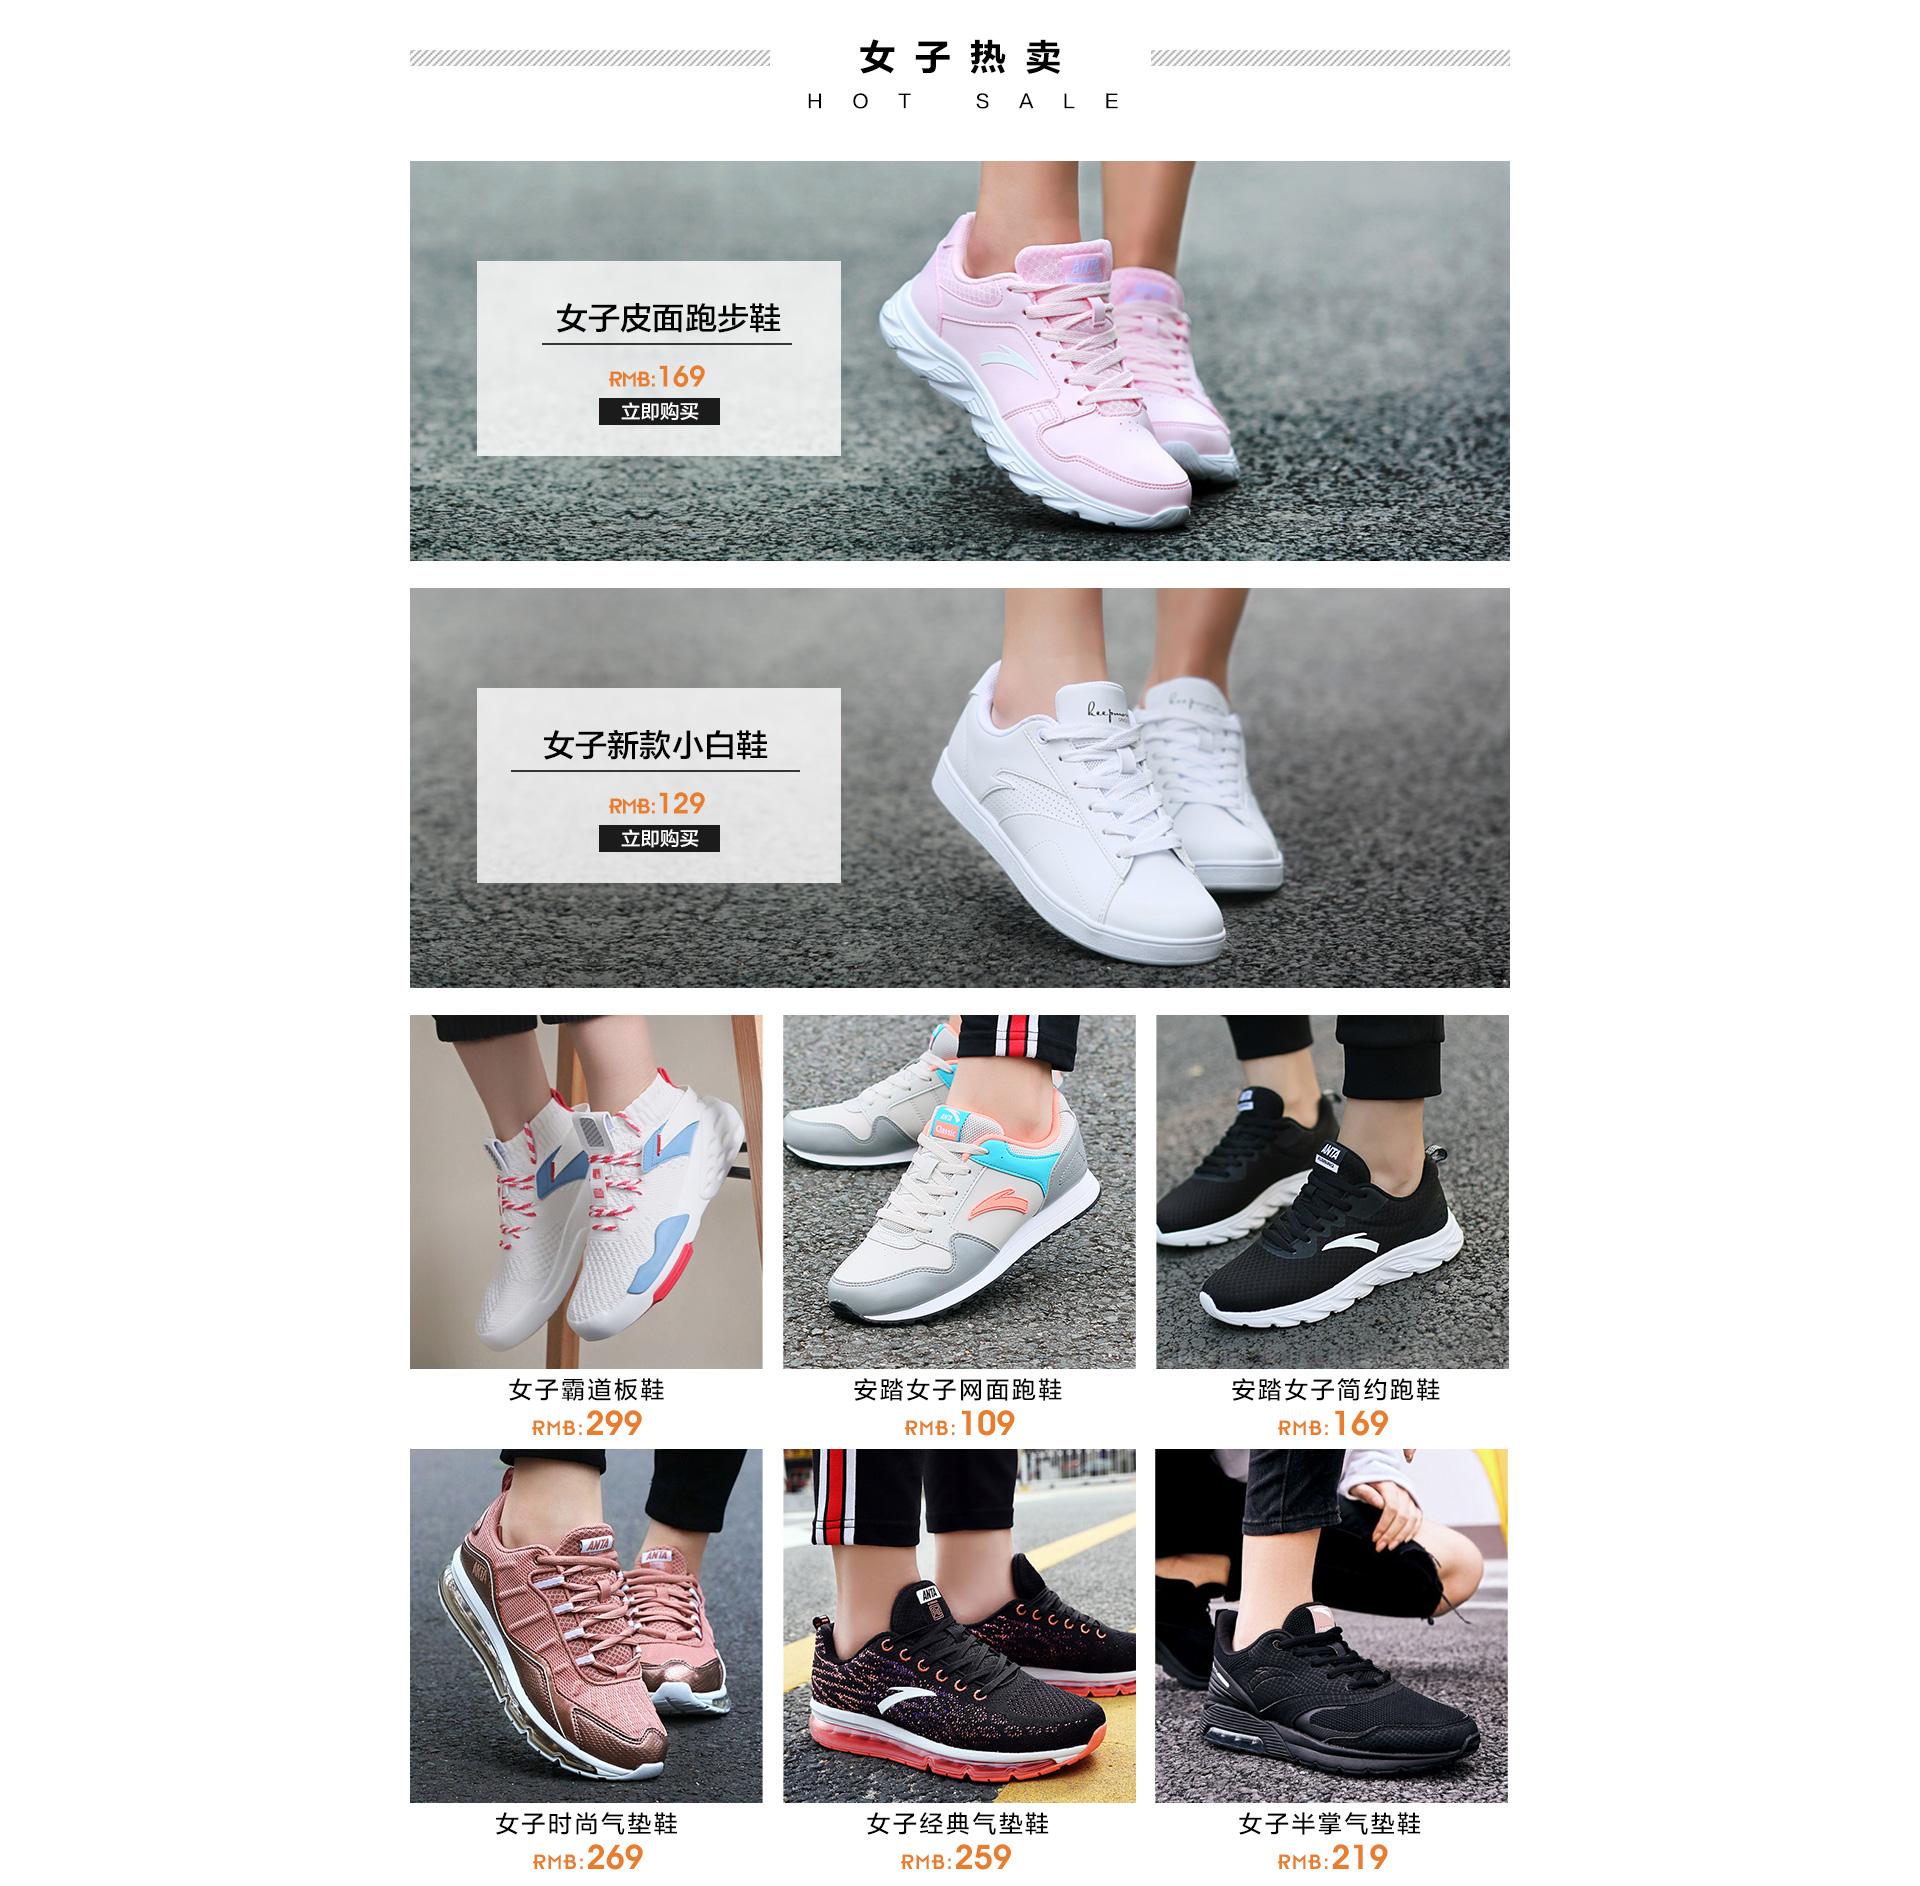 特色拖鞋专卖店_安踏勇跃专卖店 - 京东